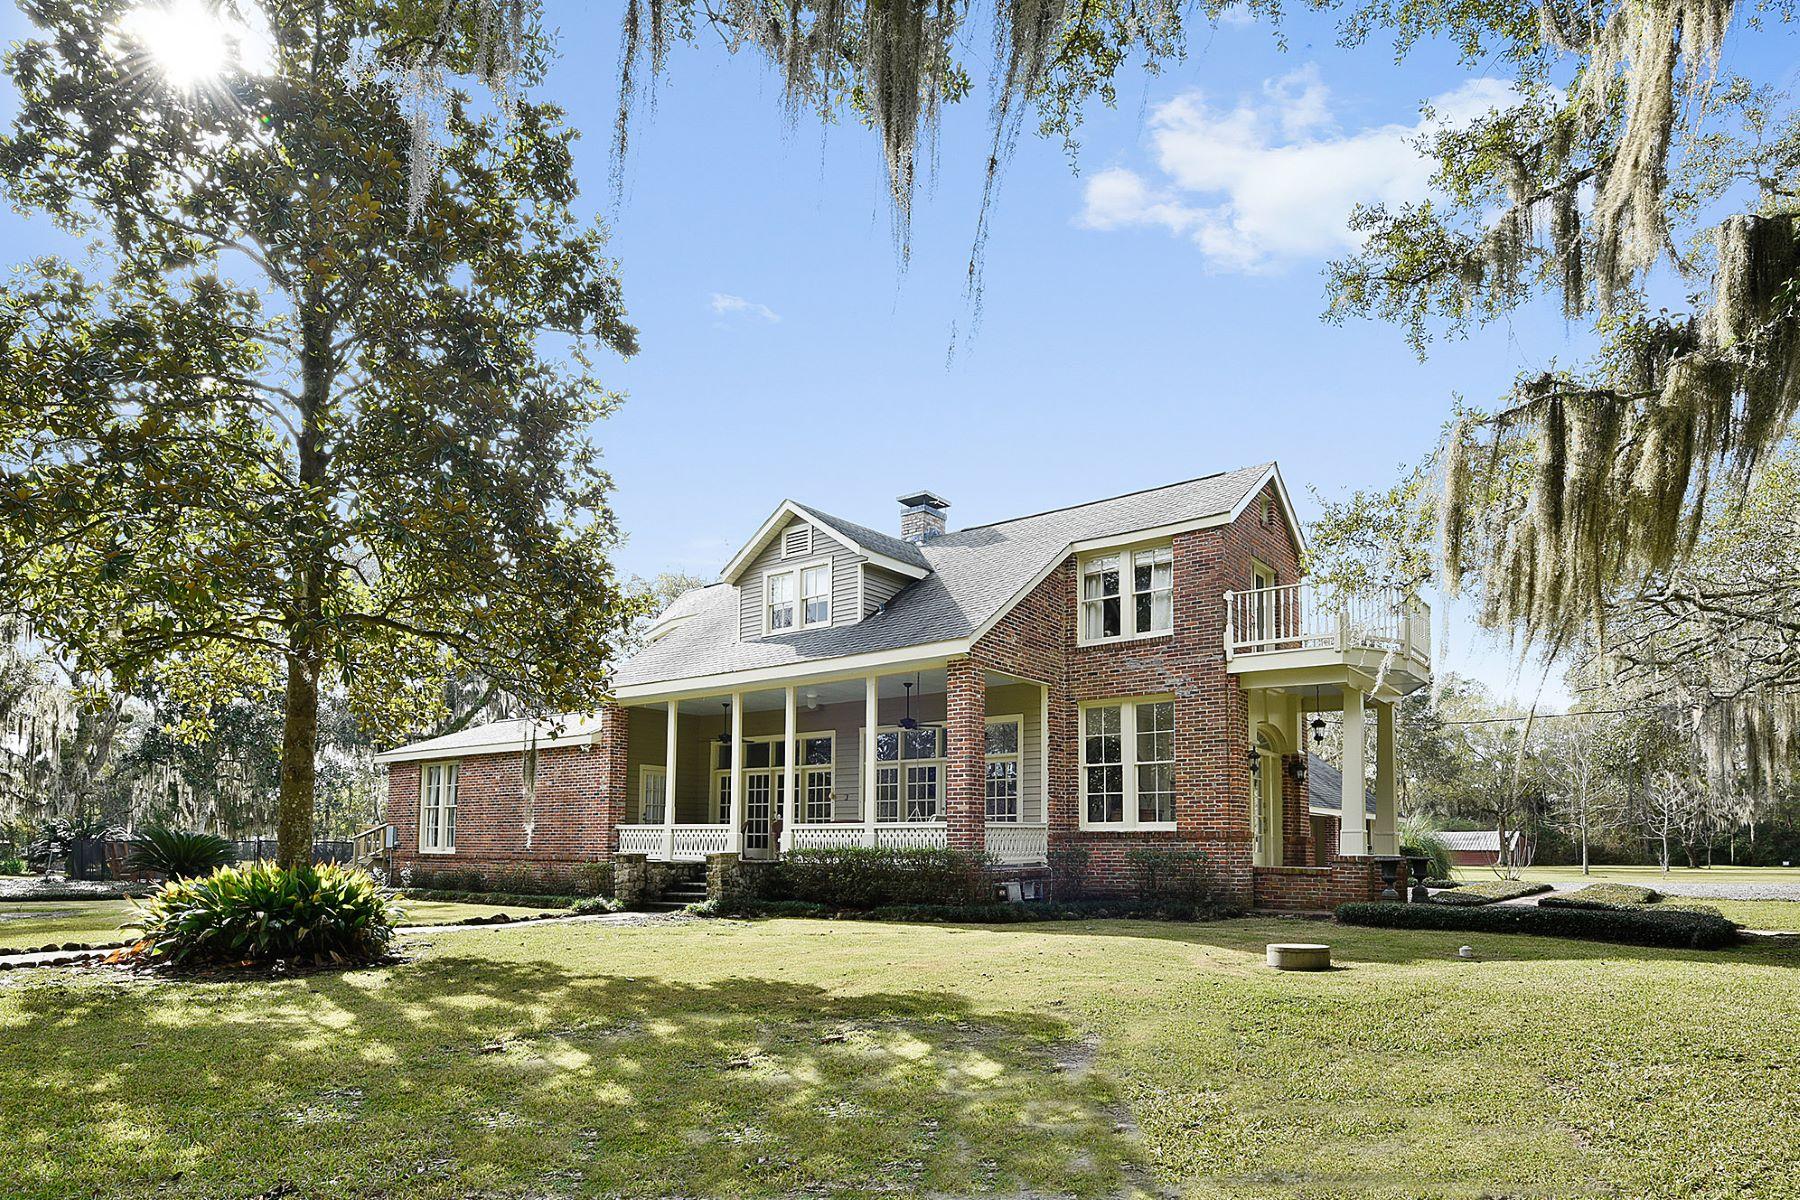 Частный односемейный дом для того Продажа на 34600 Treasure Cove Lane 34600 Treasure Cove Ln Slidell, Луизиана, 70460 Соединенные Штаты